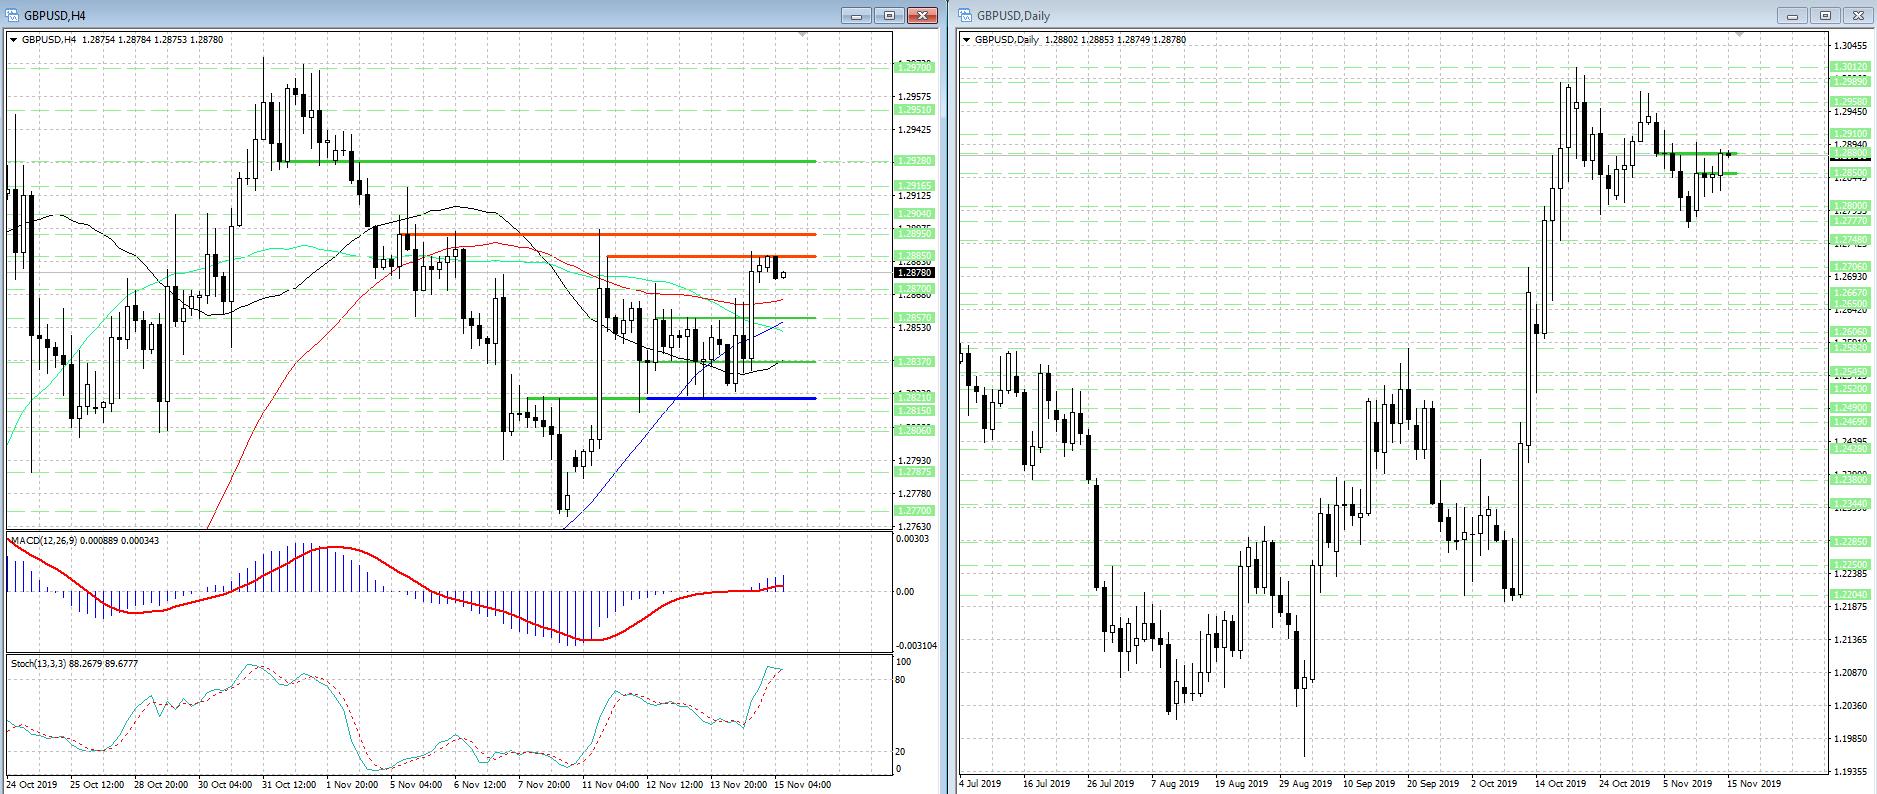 GBP/USD продолжает двигаться в рамках широкого ценового диапазона...